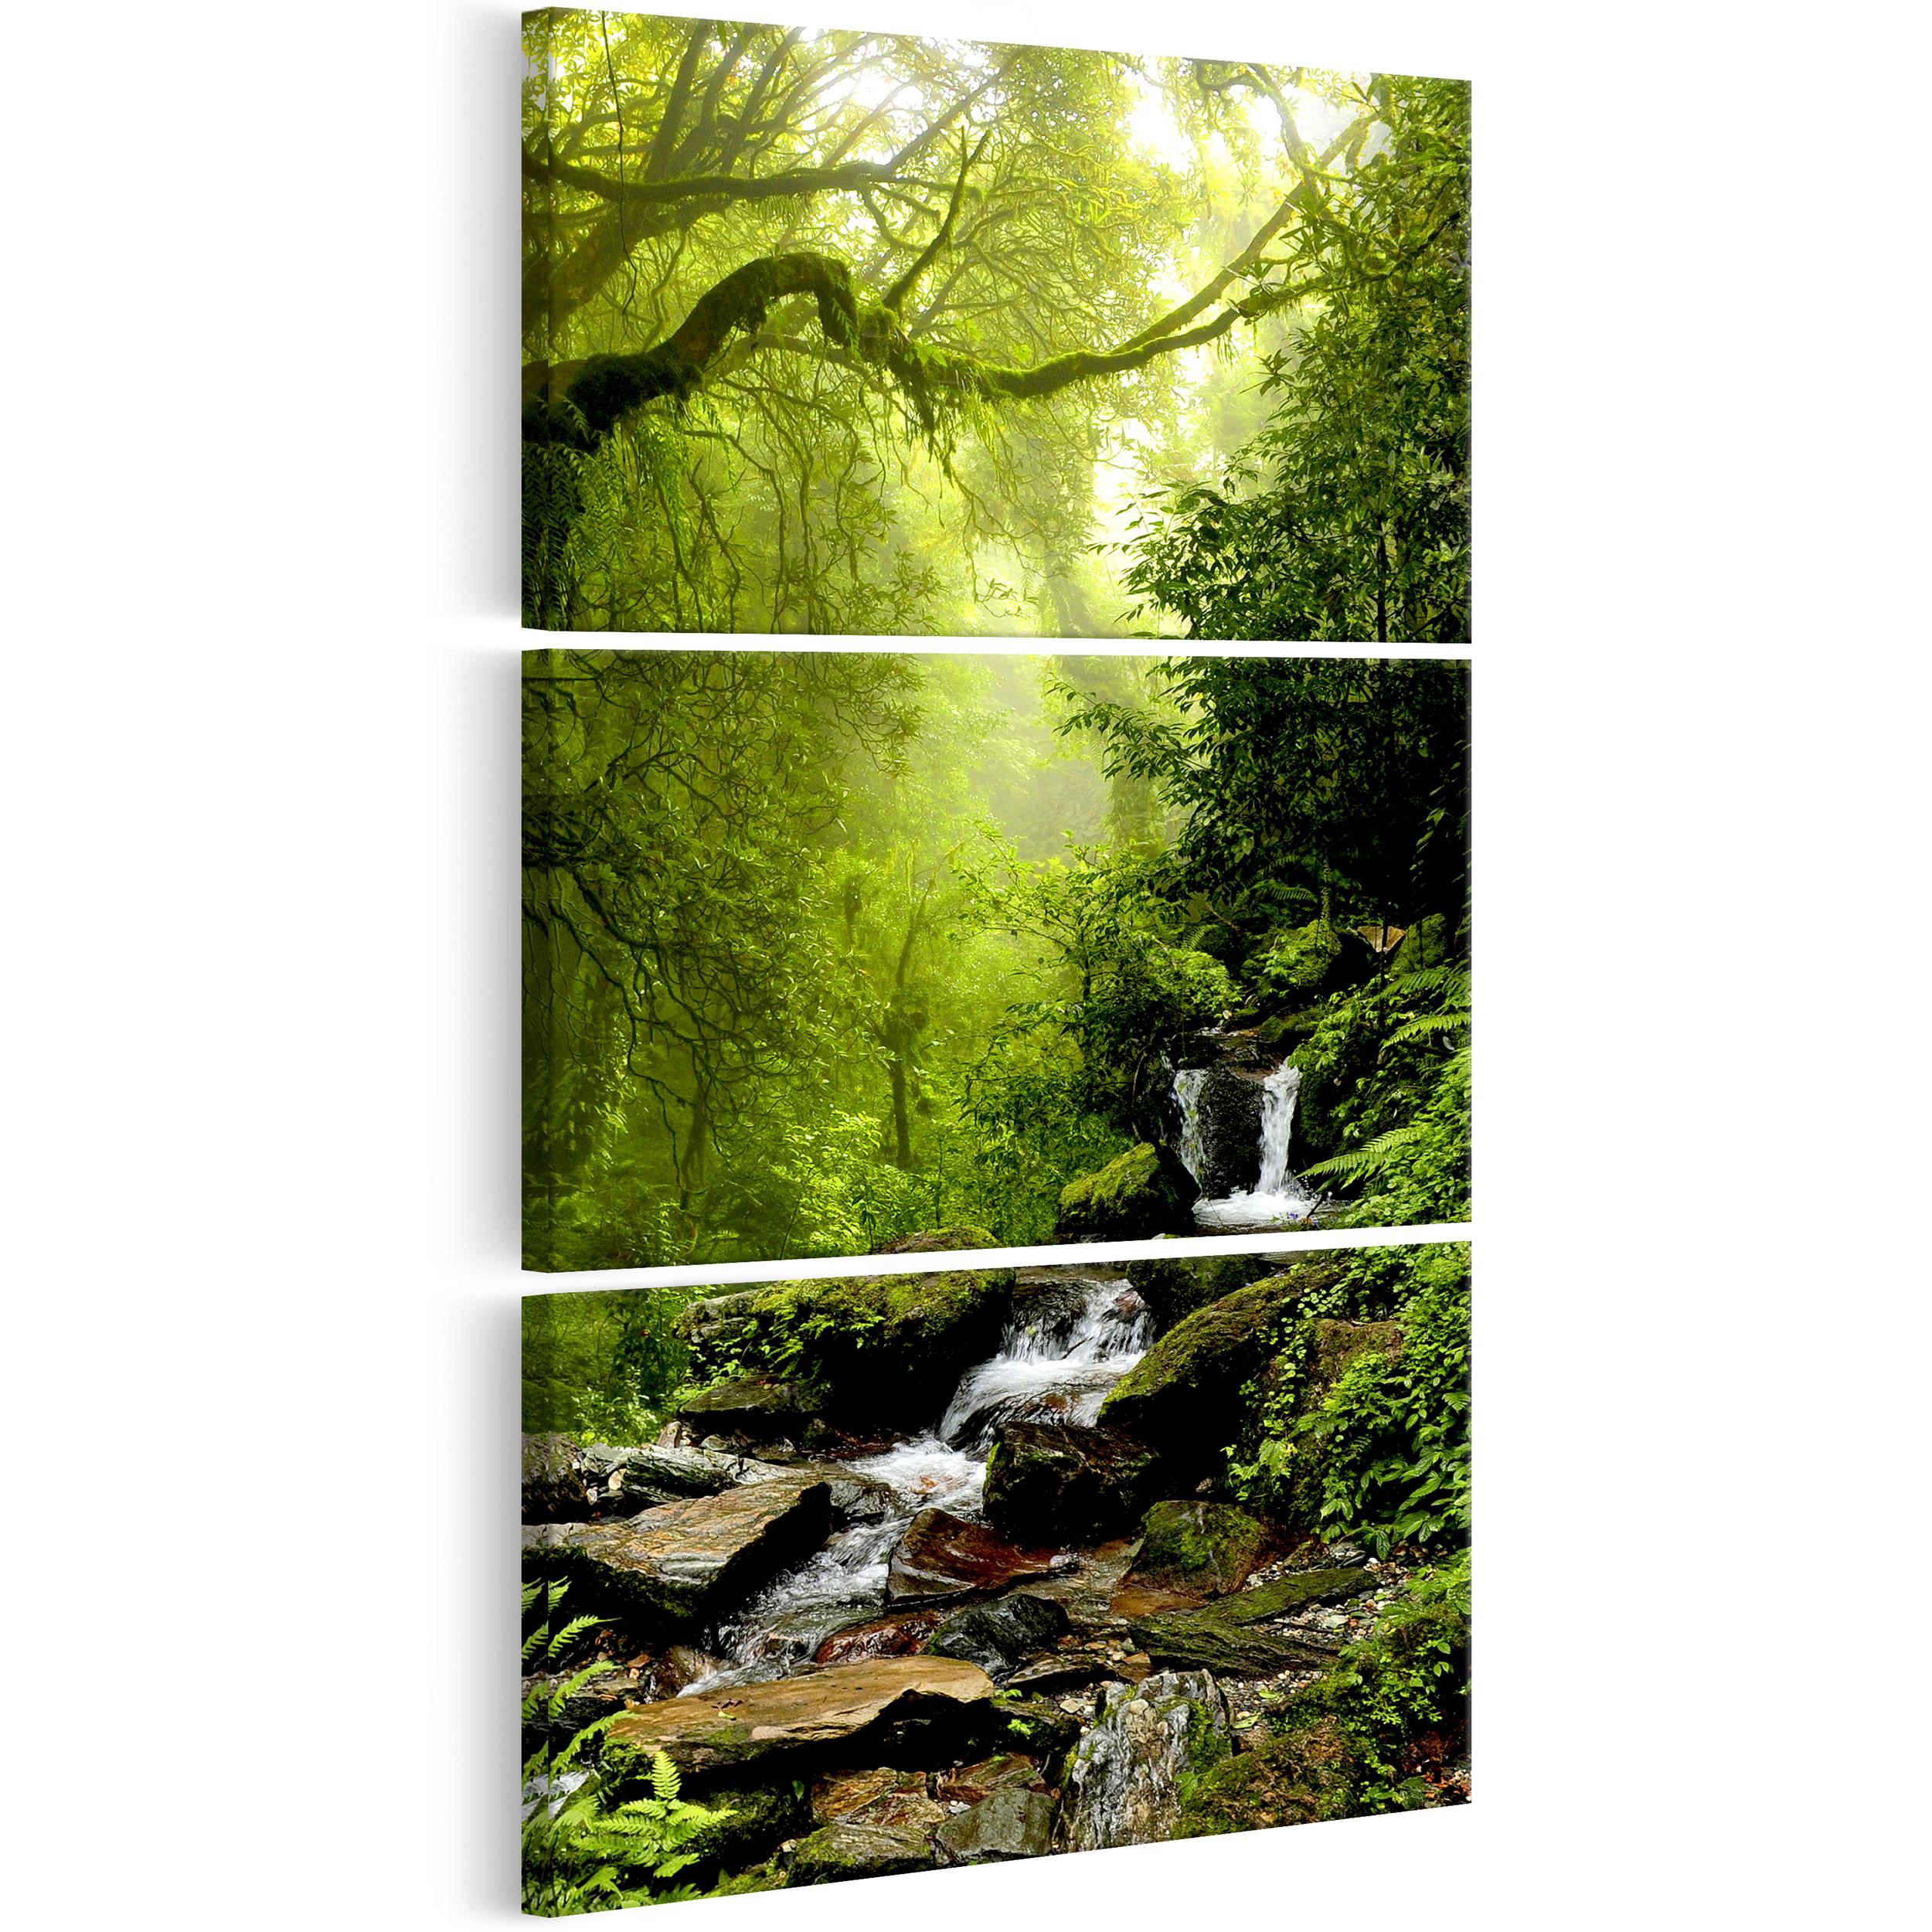 Leinwand bilder wald wasserfall kunstdruck natur for Wohnzimmer bilder leinwand